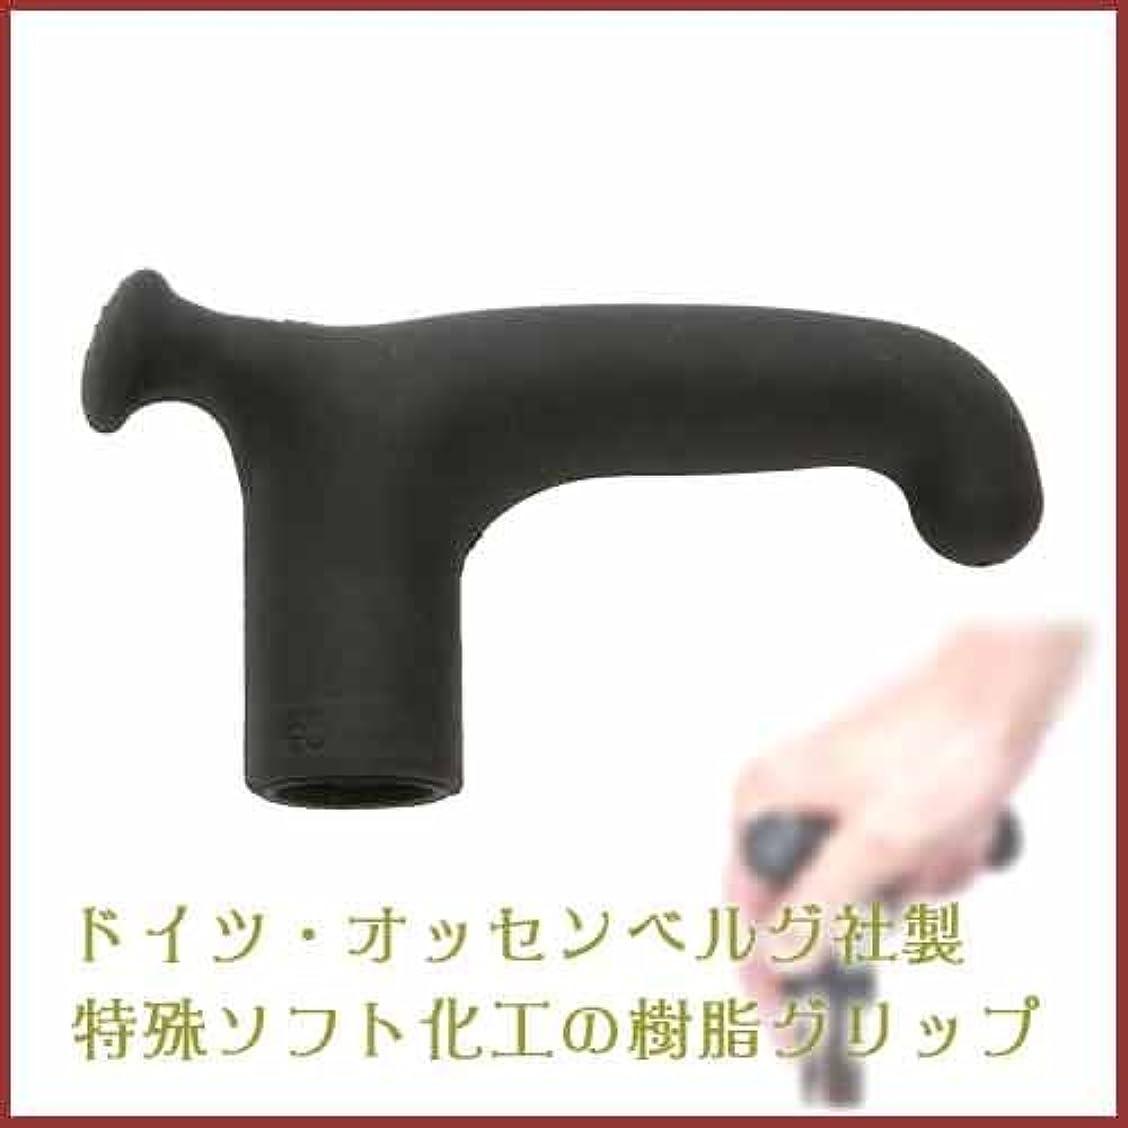 ショッキング新鮮な直径杖 グリップ 交換用グリップ ドイツ オッセンベルグ OSステッキ用 替えグリップ